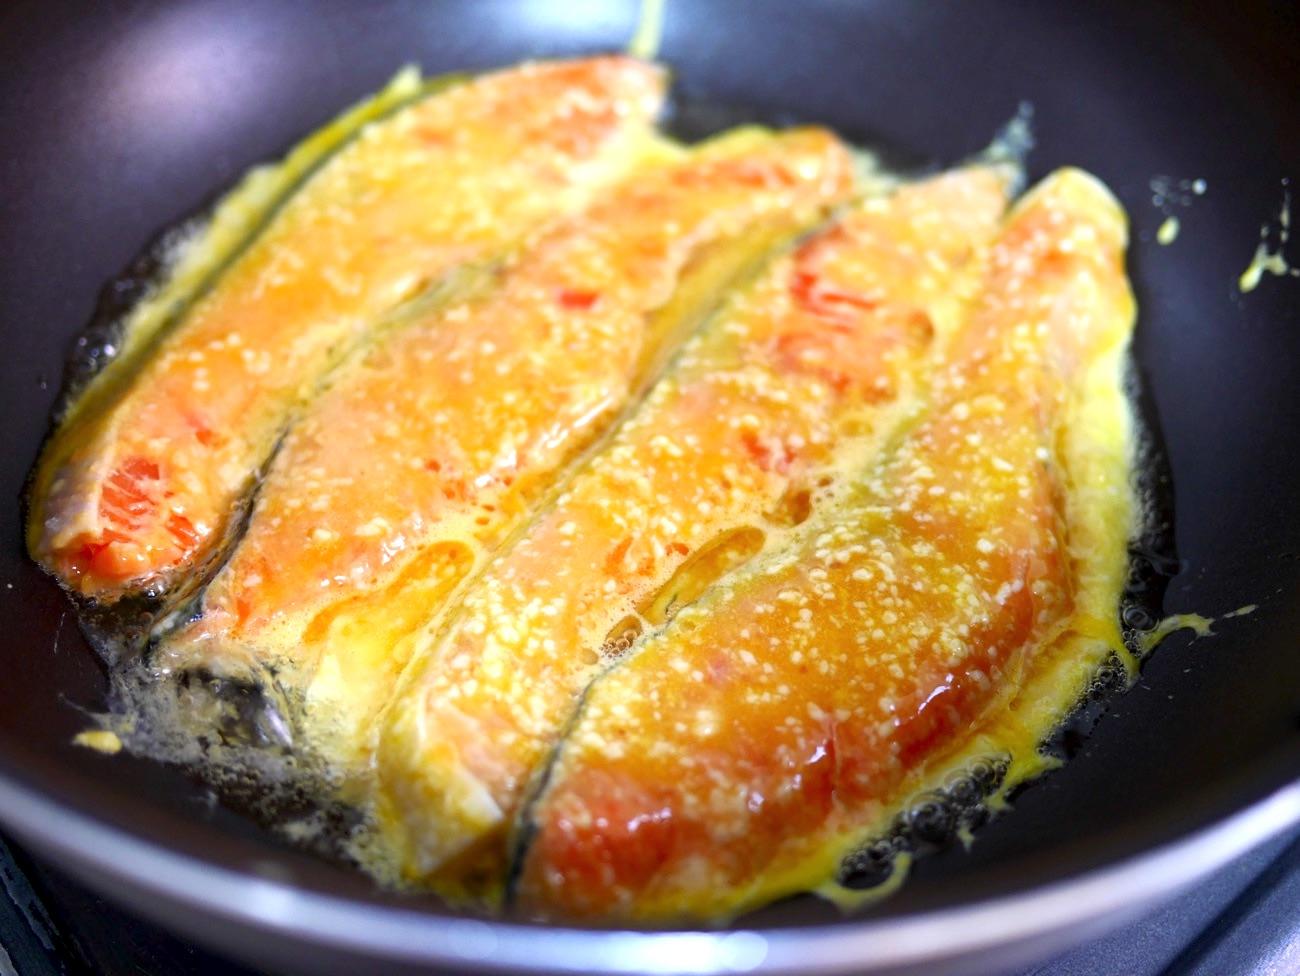 溶き卵と粉チーズをからめて蒸し焼きにする